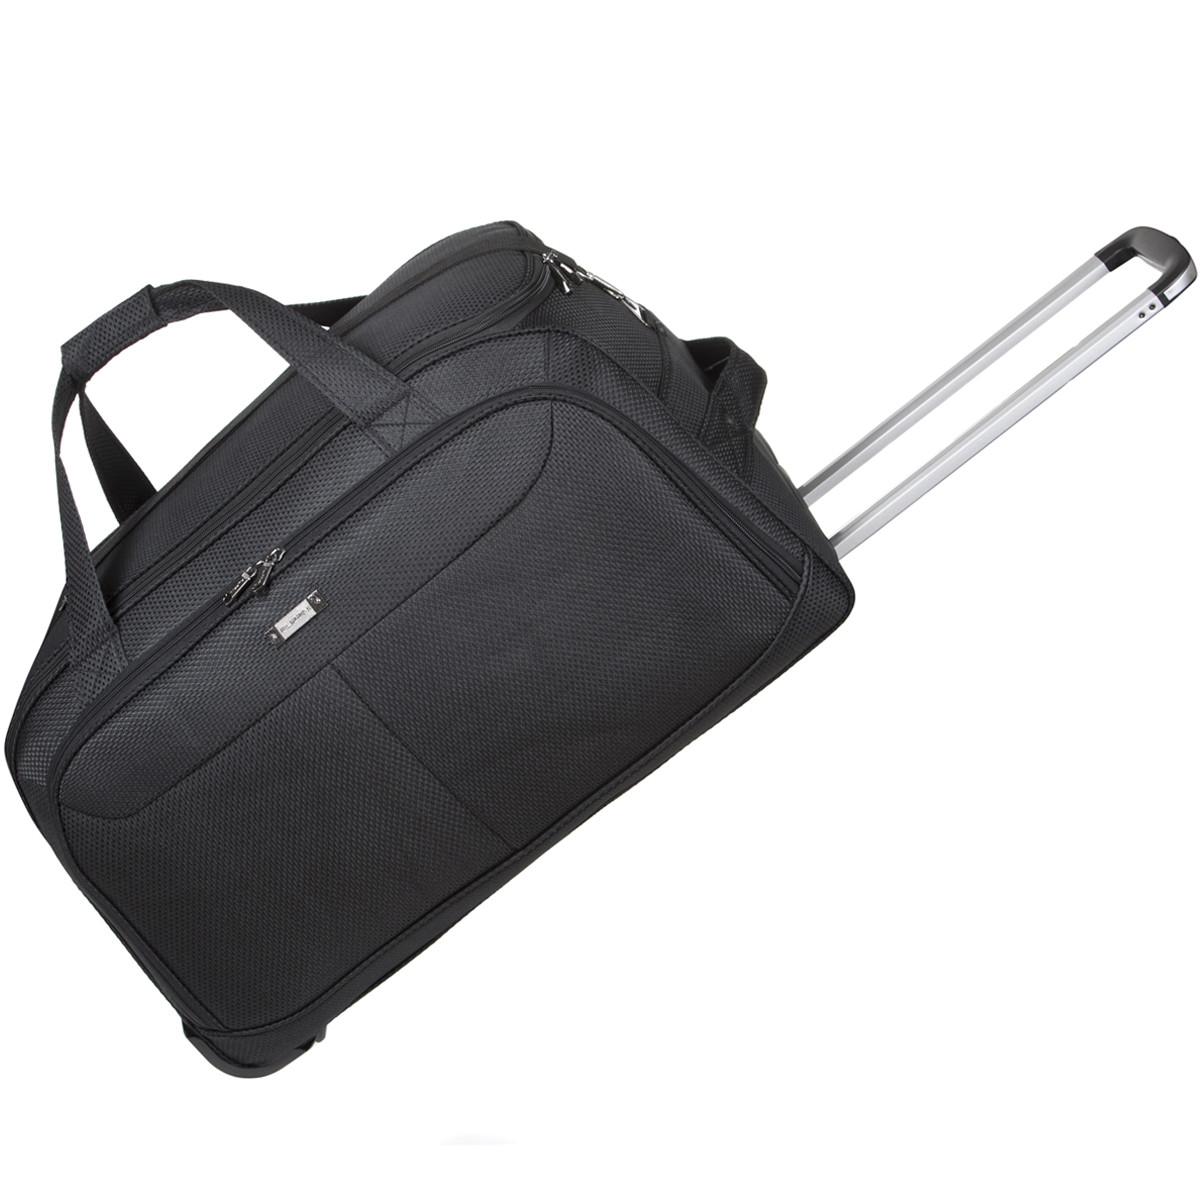 Дорожня сумка FILIPPINI велика три колеса 67х38х43 висувна ручка чорний колір ксТ0045чб